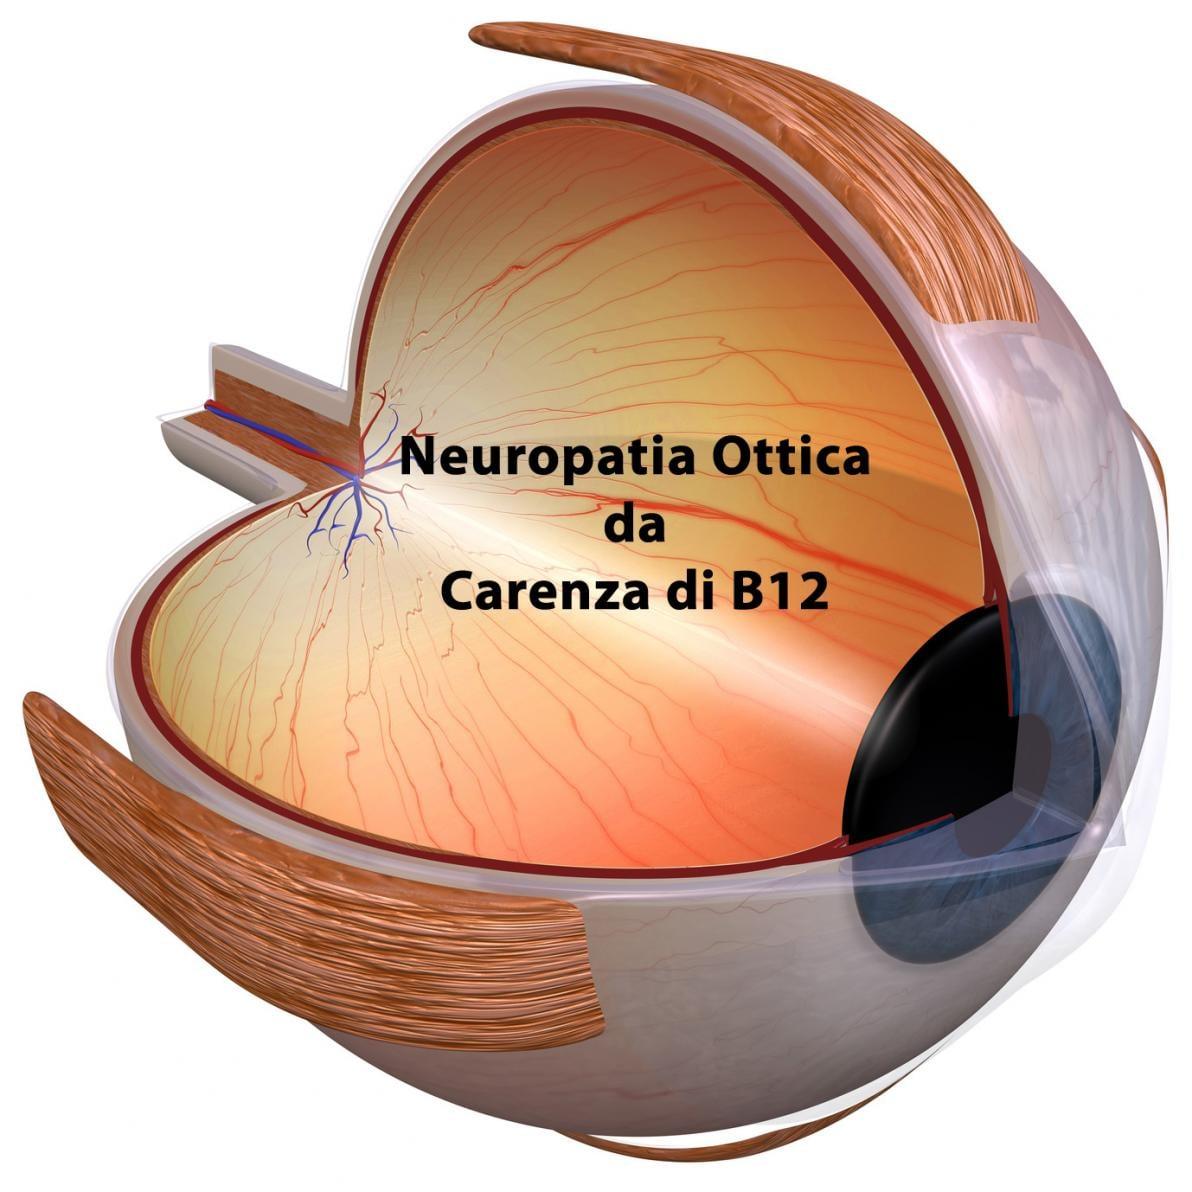 Neuropatia Ottica